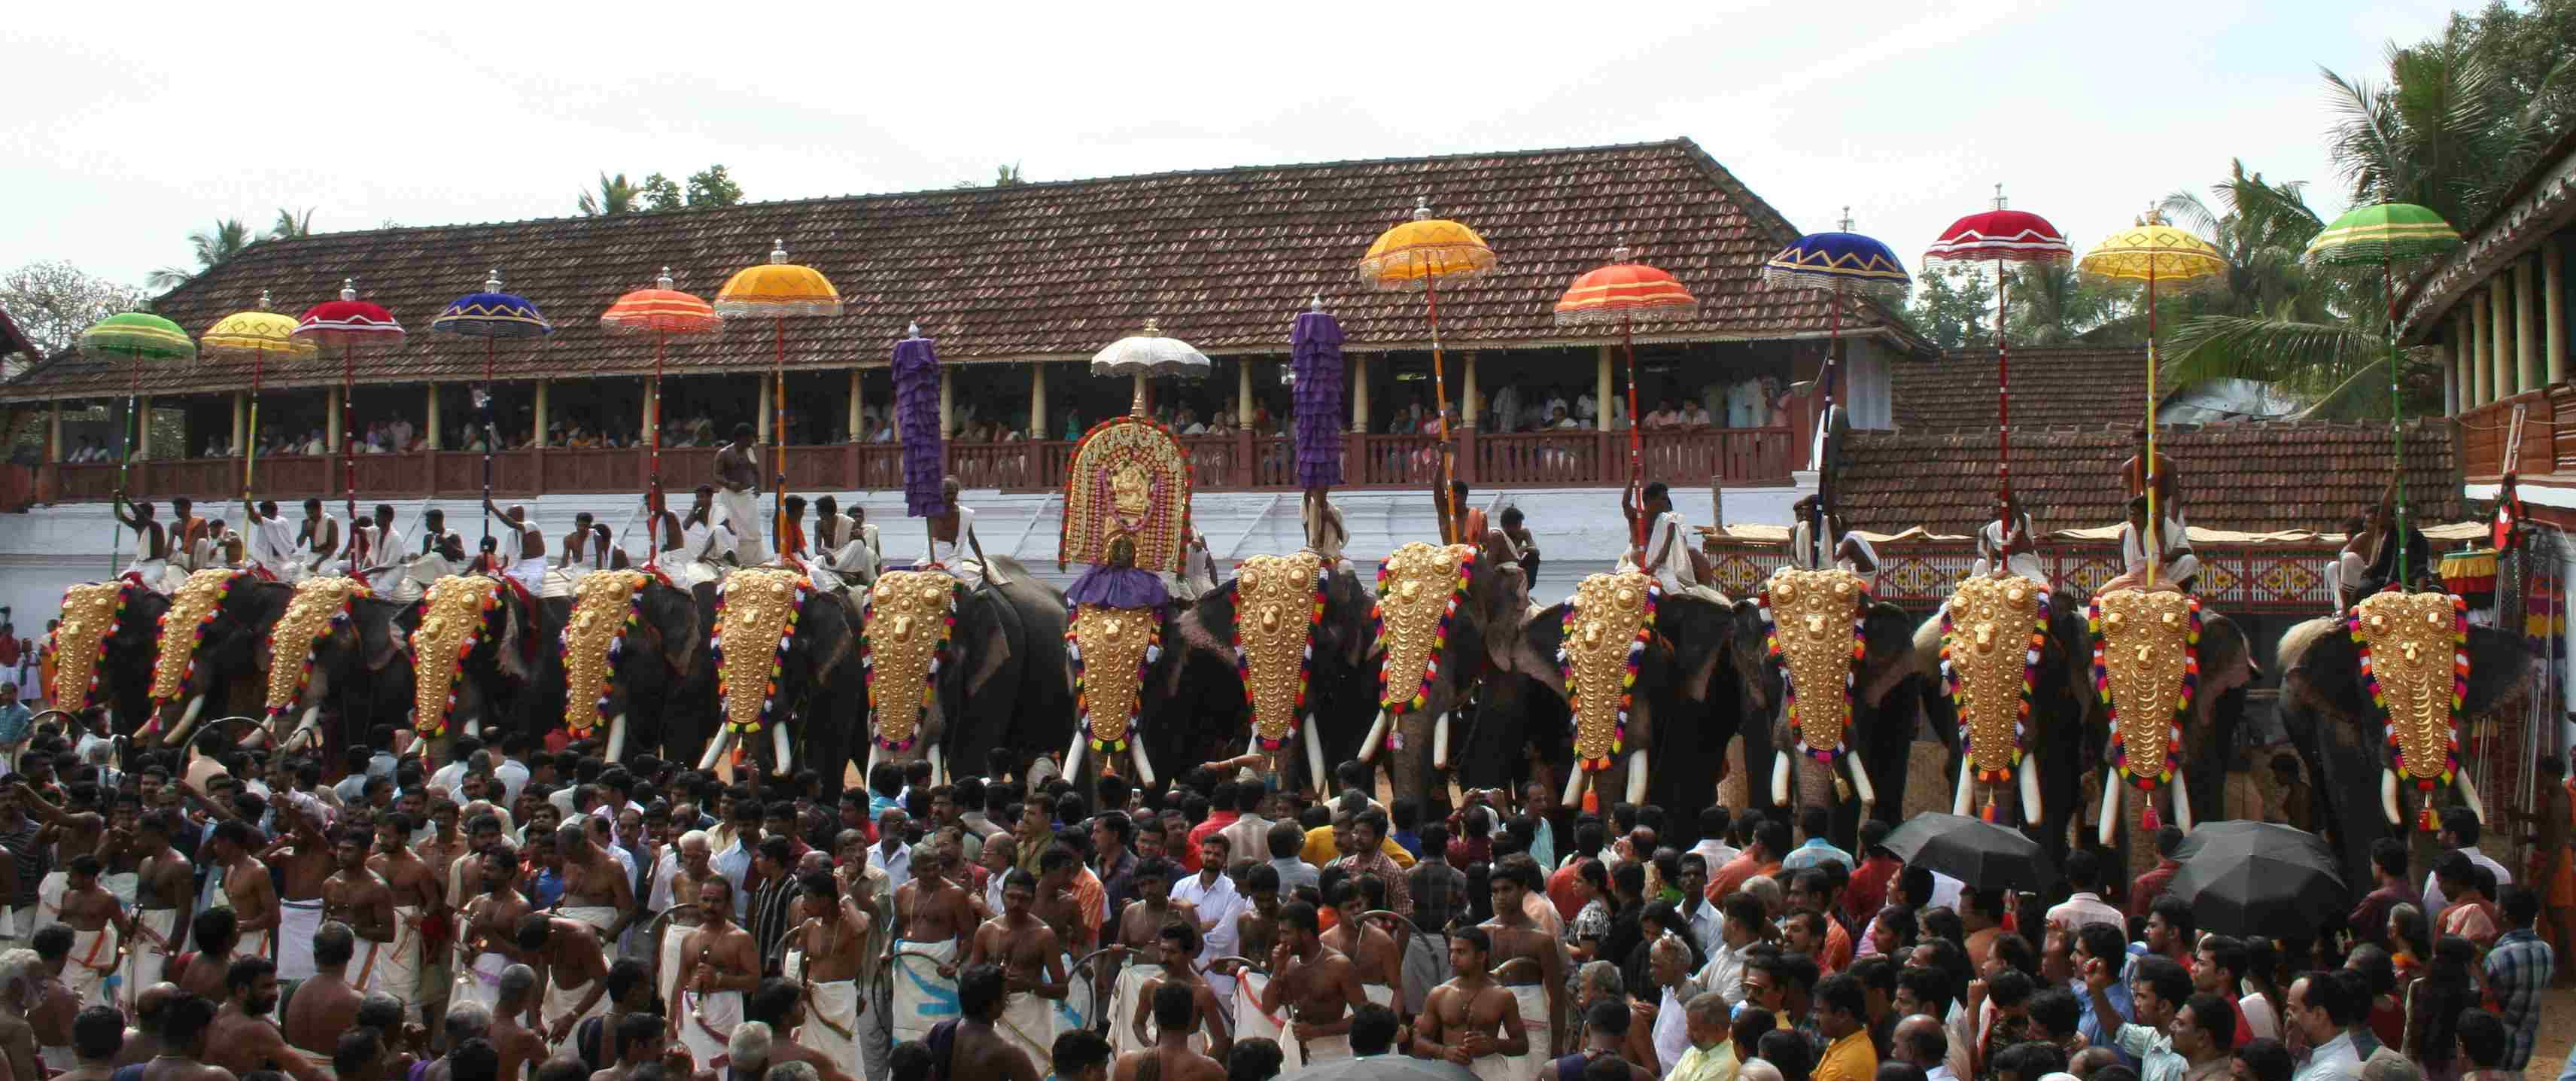 Poornathrayesa Temple, Chottanikkara